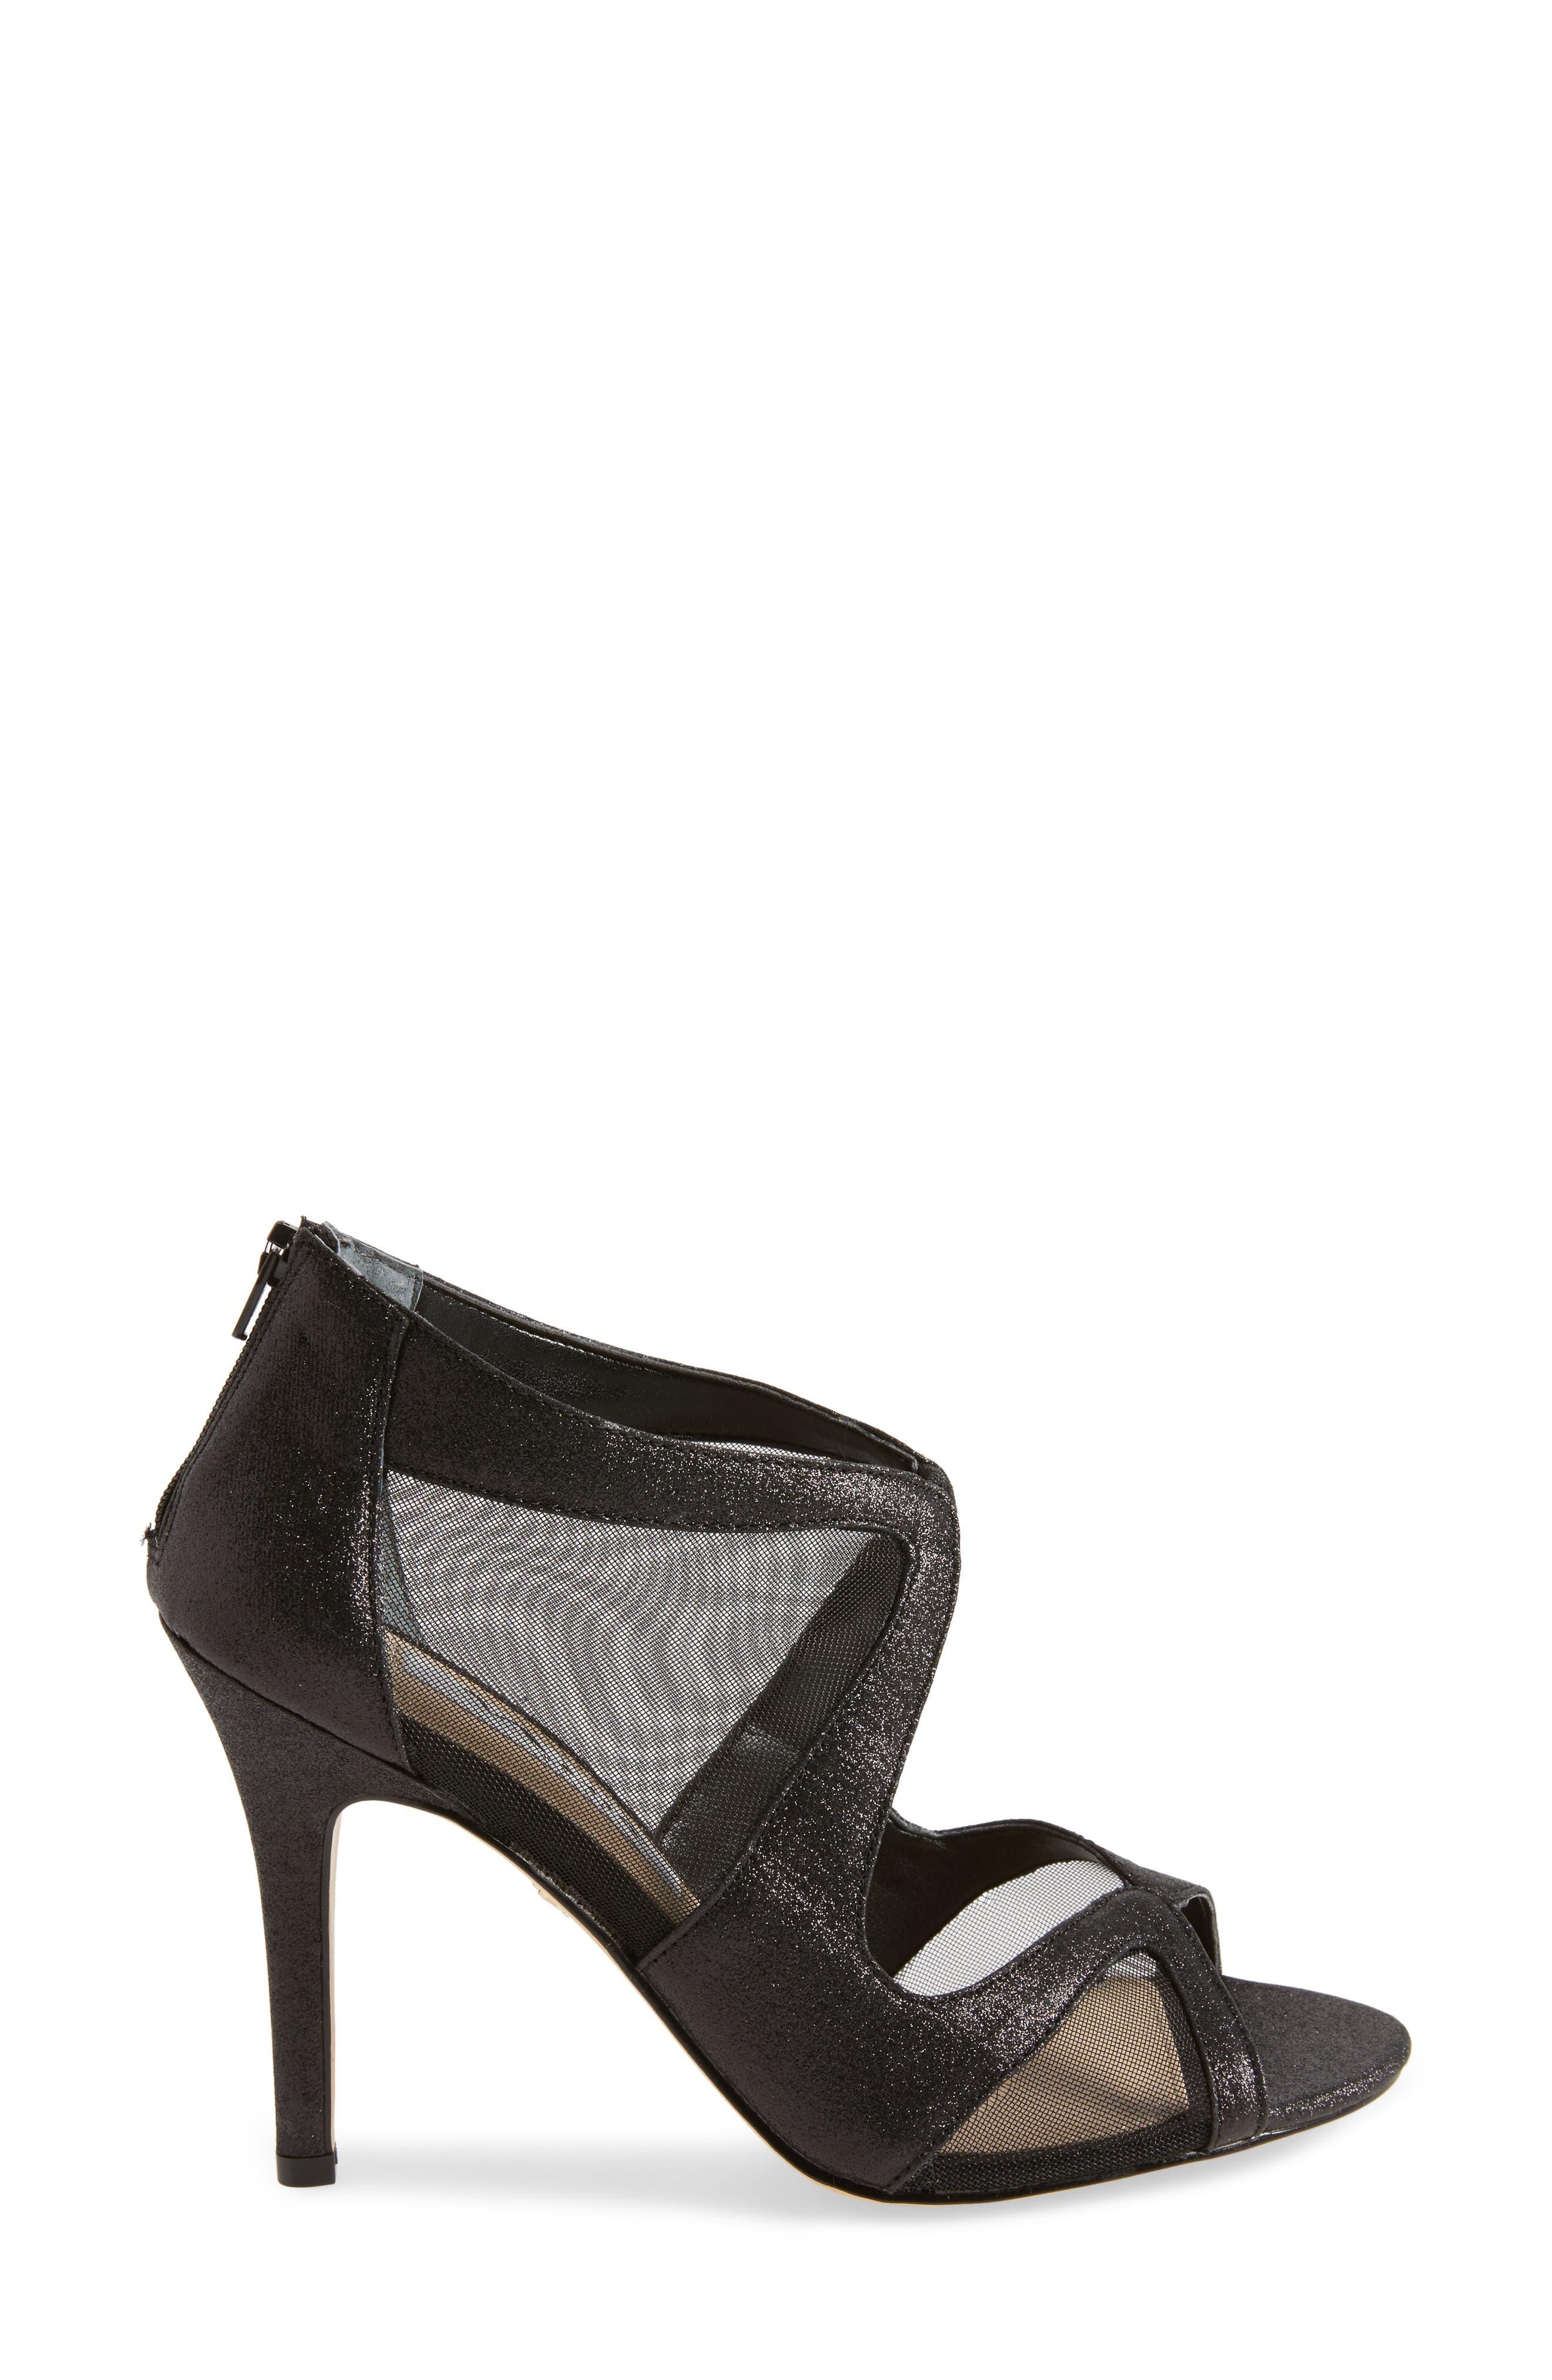 Cordella Open Toe Pump,                             Alternate thumbnail 3, color,                             Black Glitter Fabric